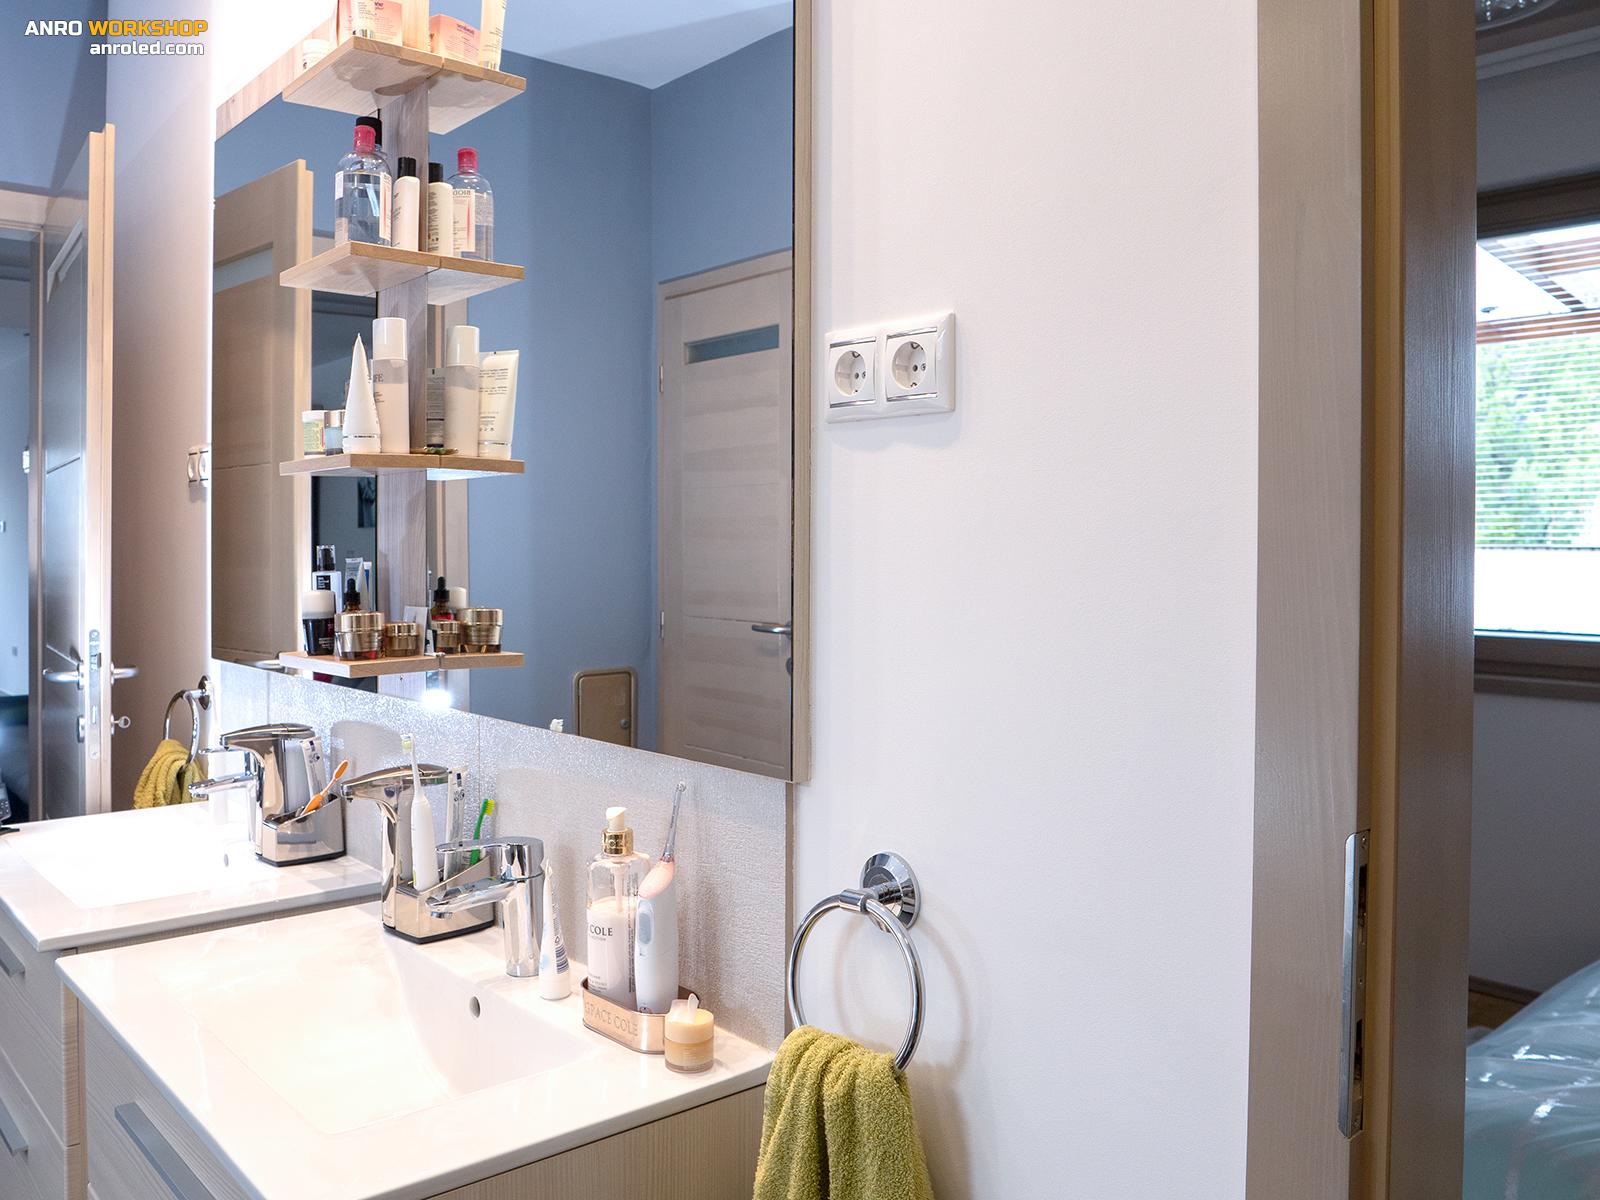 Vizes helyiségekben tegyük magasra a konnektorokat, illetve a fürdőszobában csináljun minél nagyobb fényt!